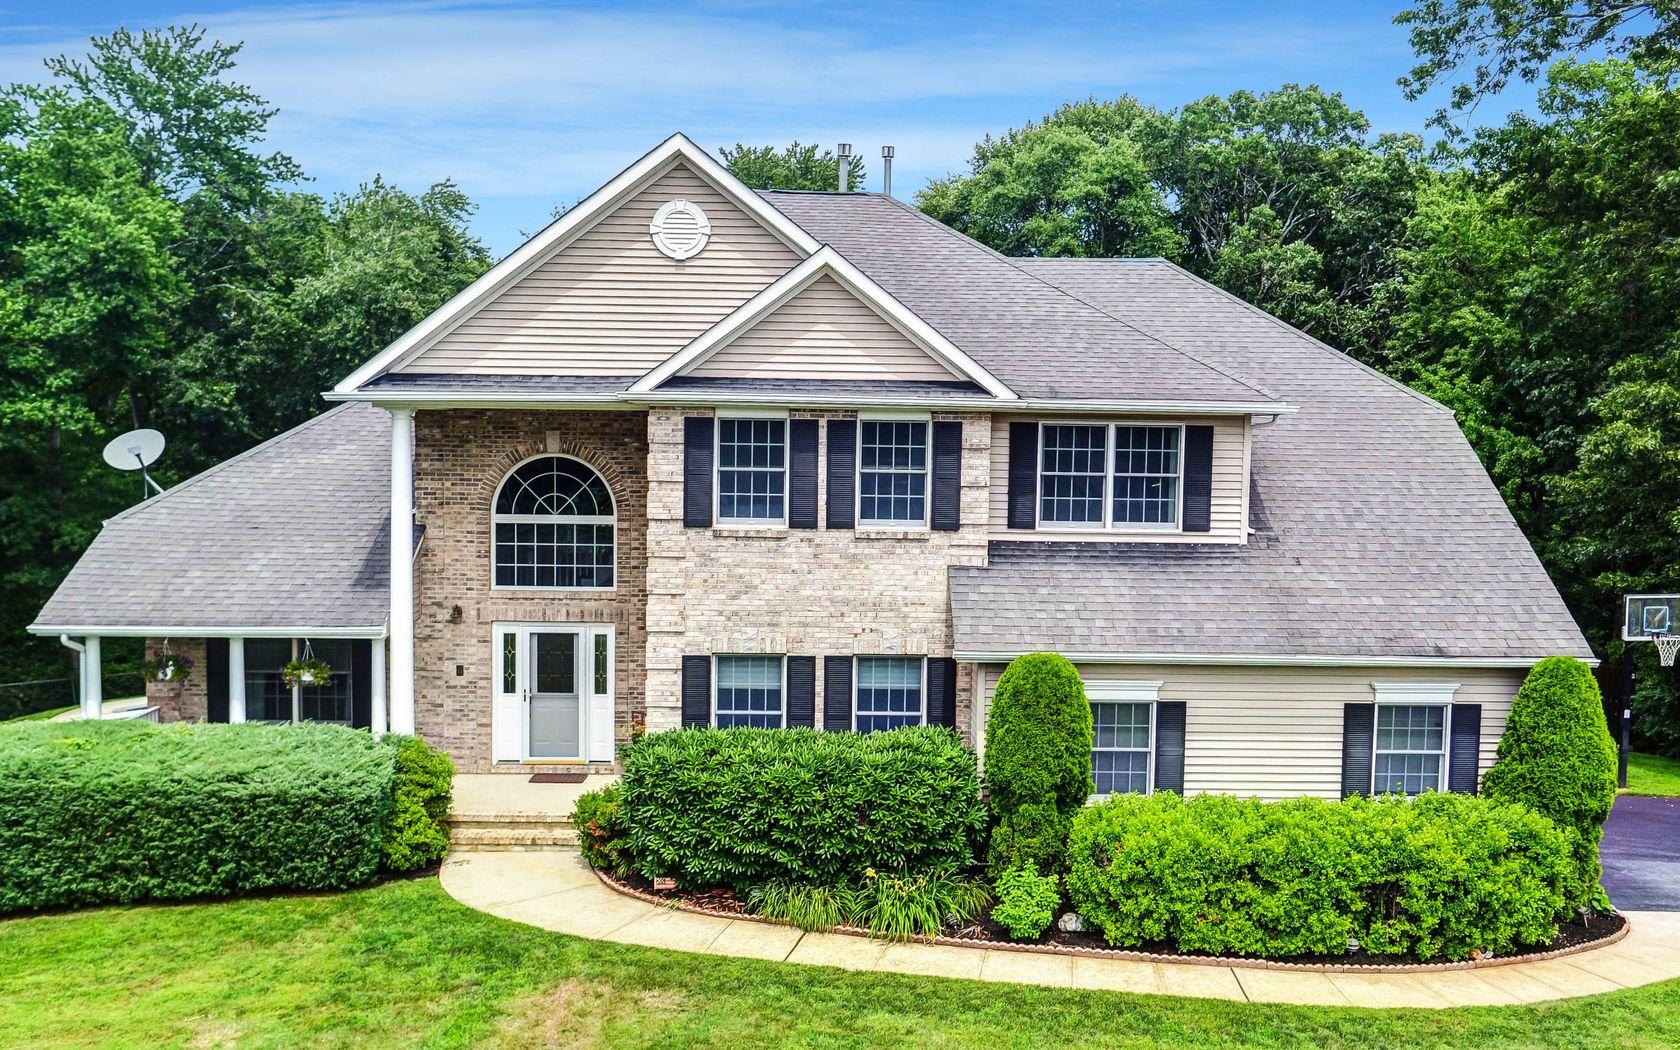 Частный односемейный дом для того Продажа на Perfectly Situated on Scenic Lot 2070 Overbrook Drive Wall, Нью-Джерси, 07719 Соединенные Штаты